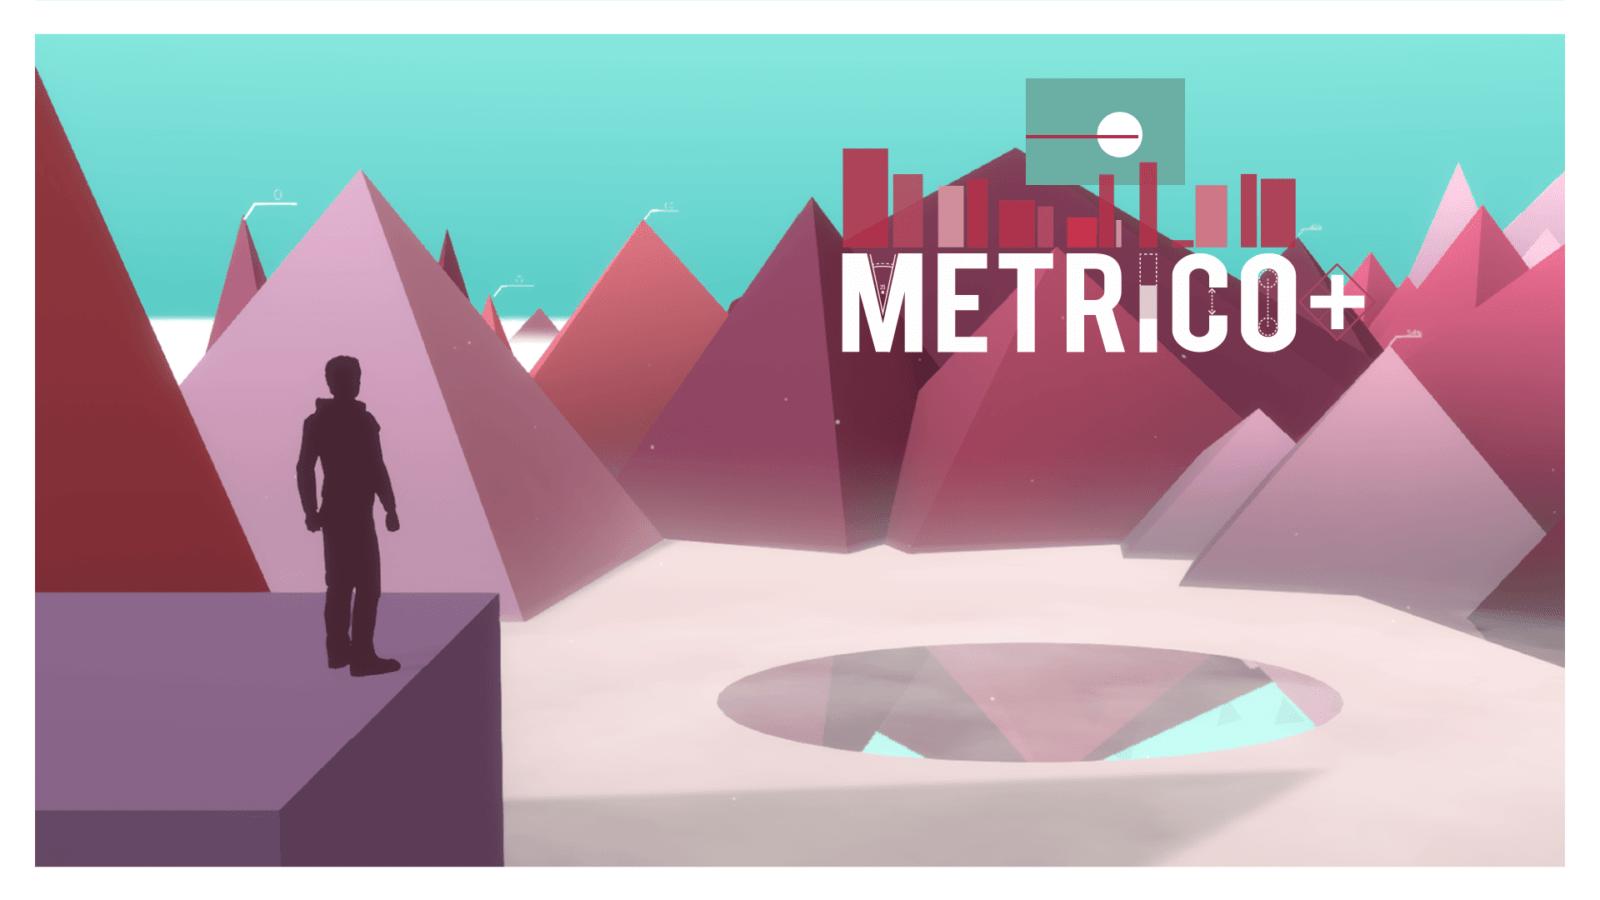 indigo.2015.metrico+.digitaldreams.ss (5)